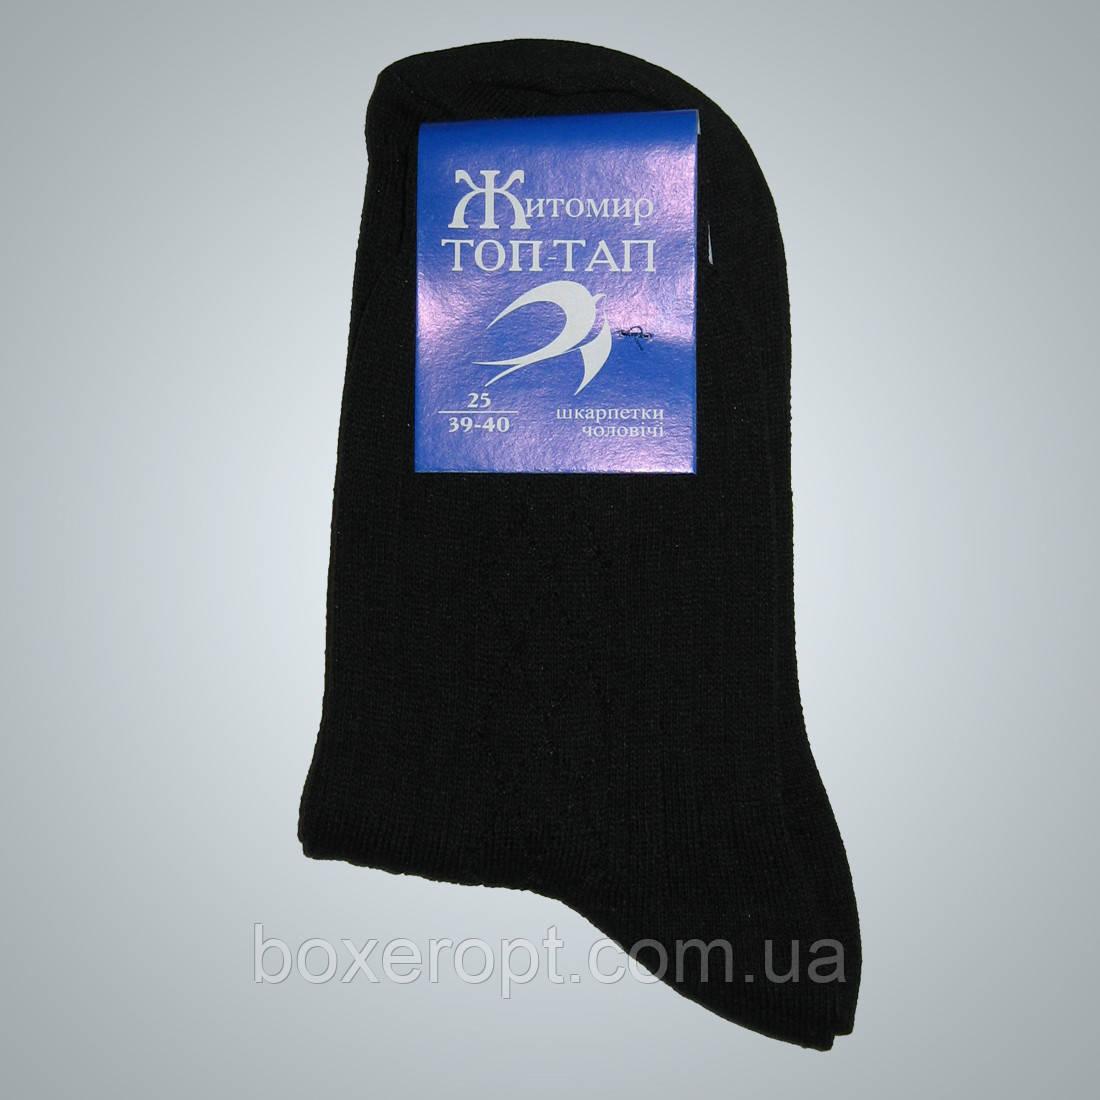 Мужские носки ТОП-ТАП - 7.50 грн./пара (полушерсть, черные)